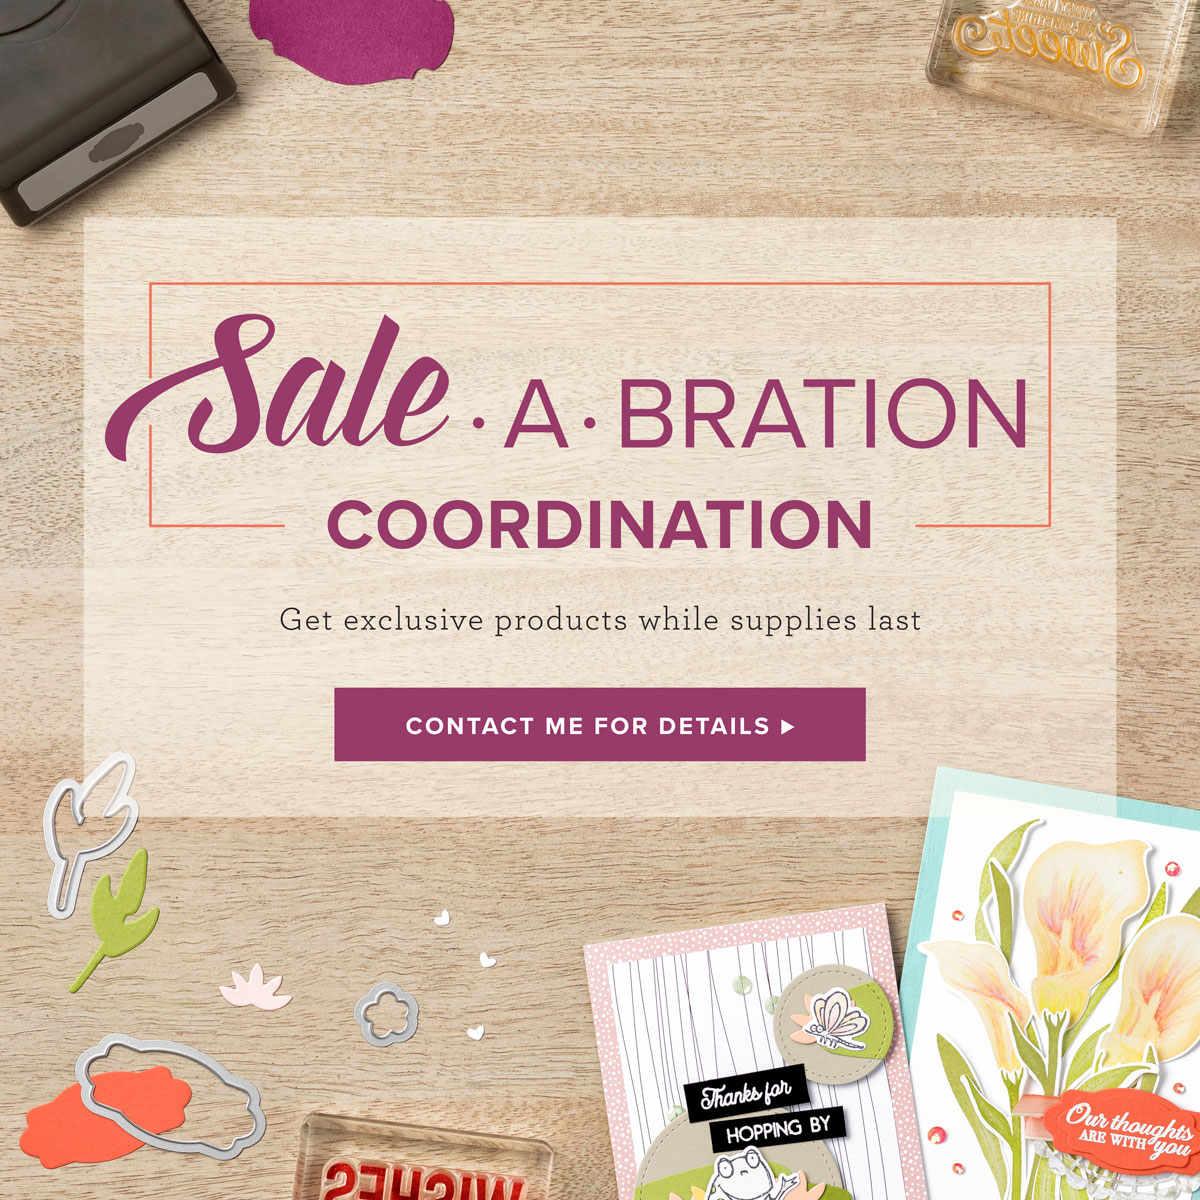 2019 SAB Coordination